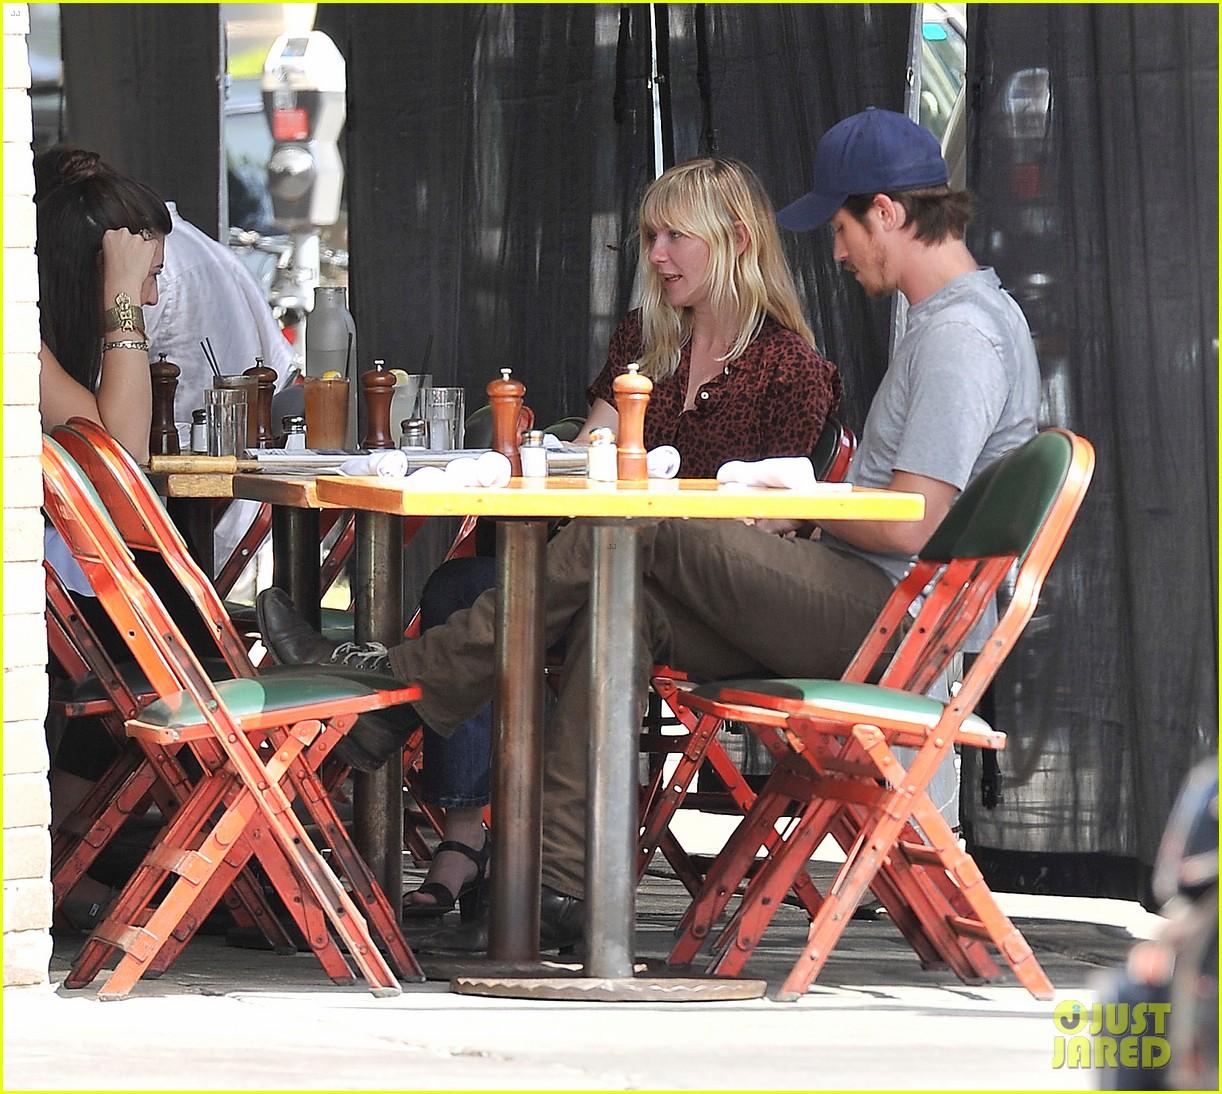 Garrett Hedlund Kirsten Dunst 2013Garrett Hedlund And Kirsten Dunst Tumblr